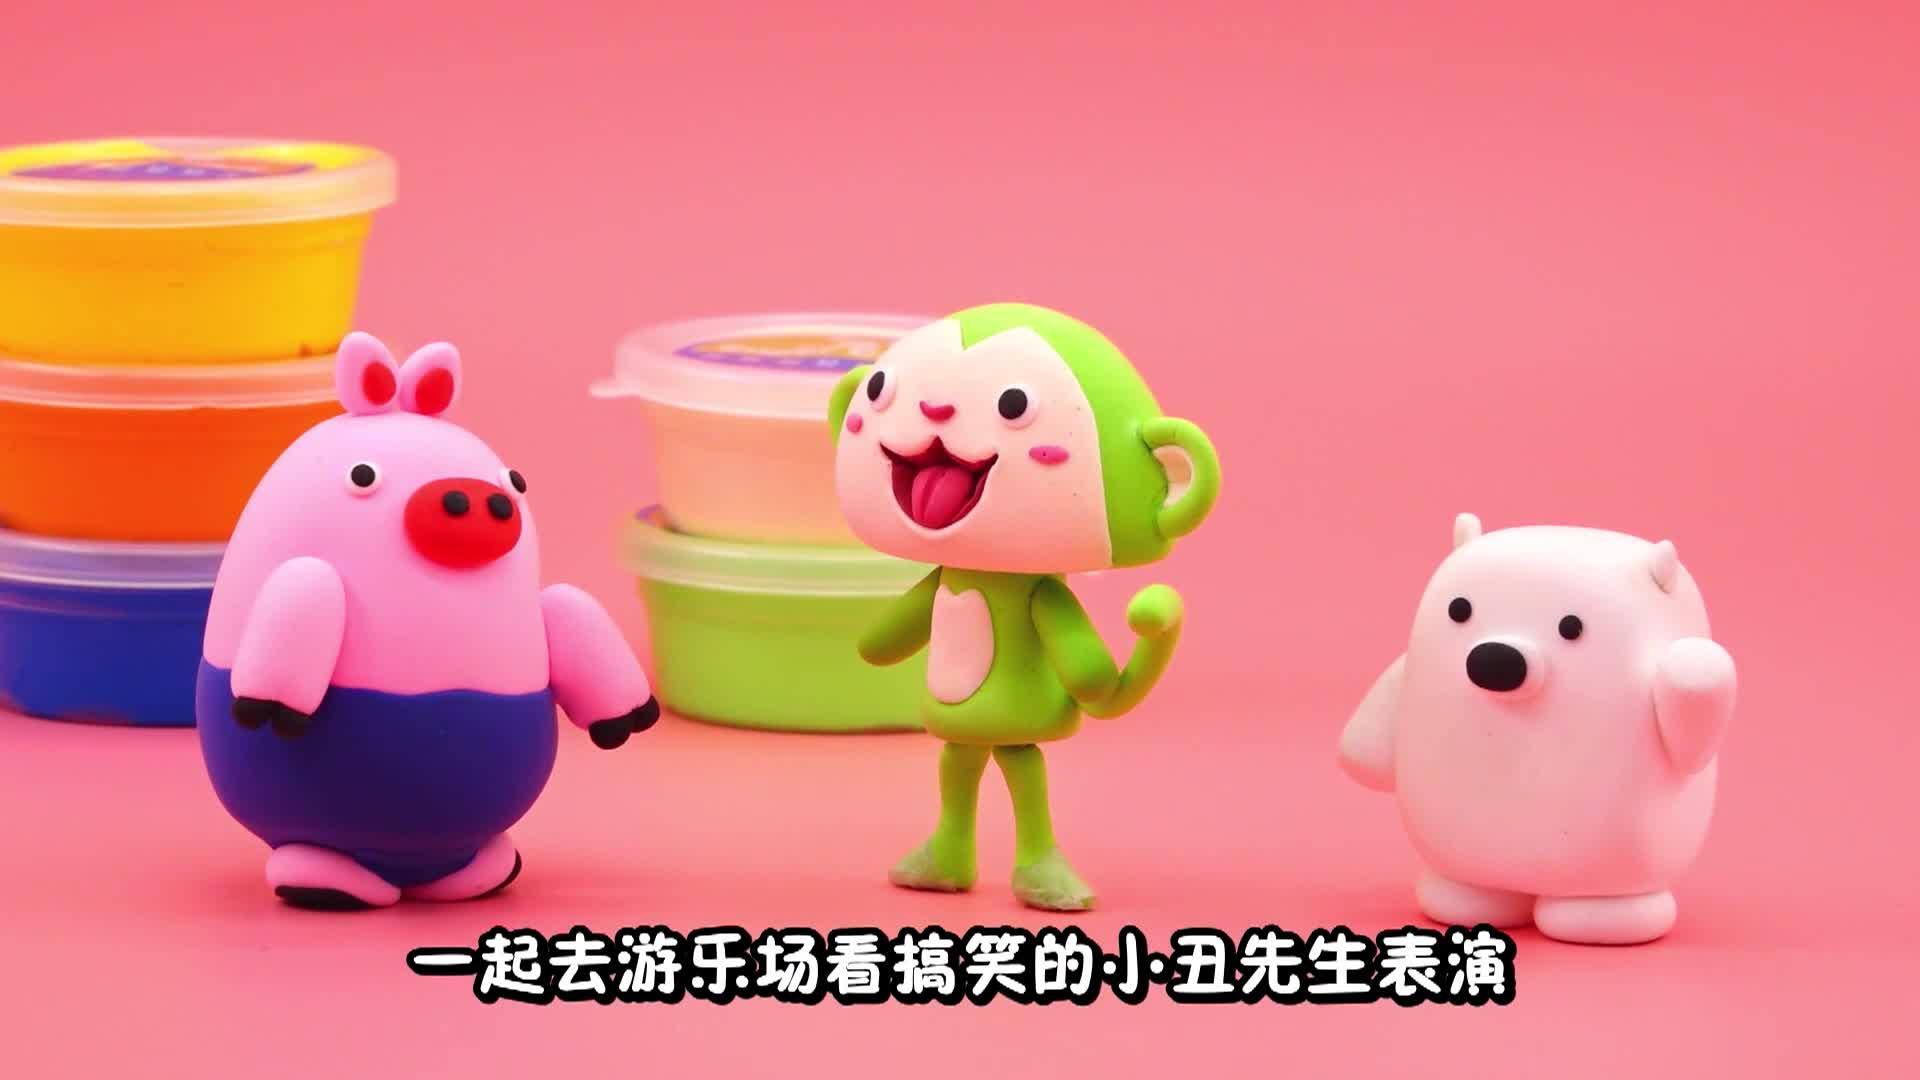 【方块熊粘土创意工坊】盘子上的小丑先生图片